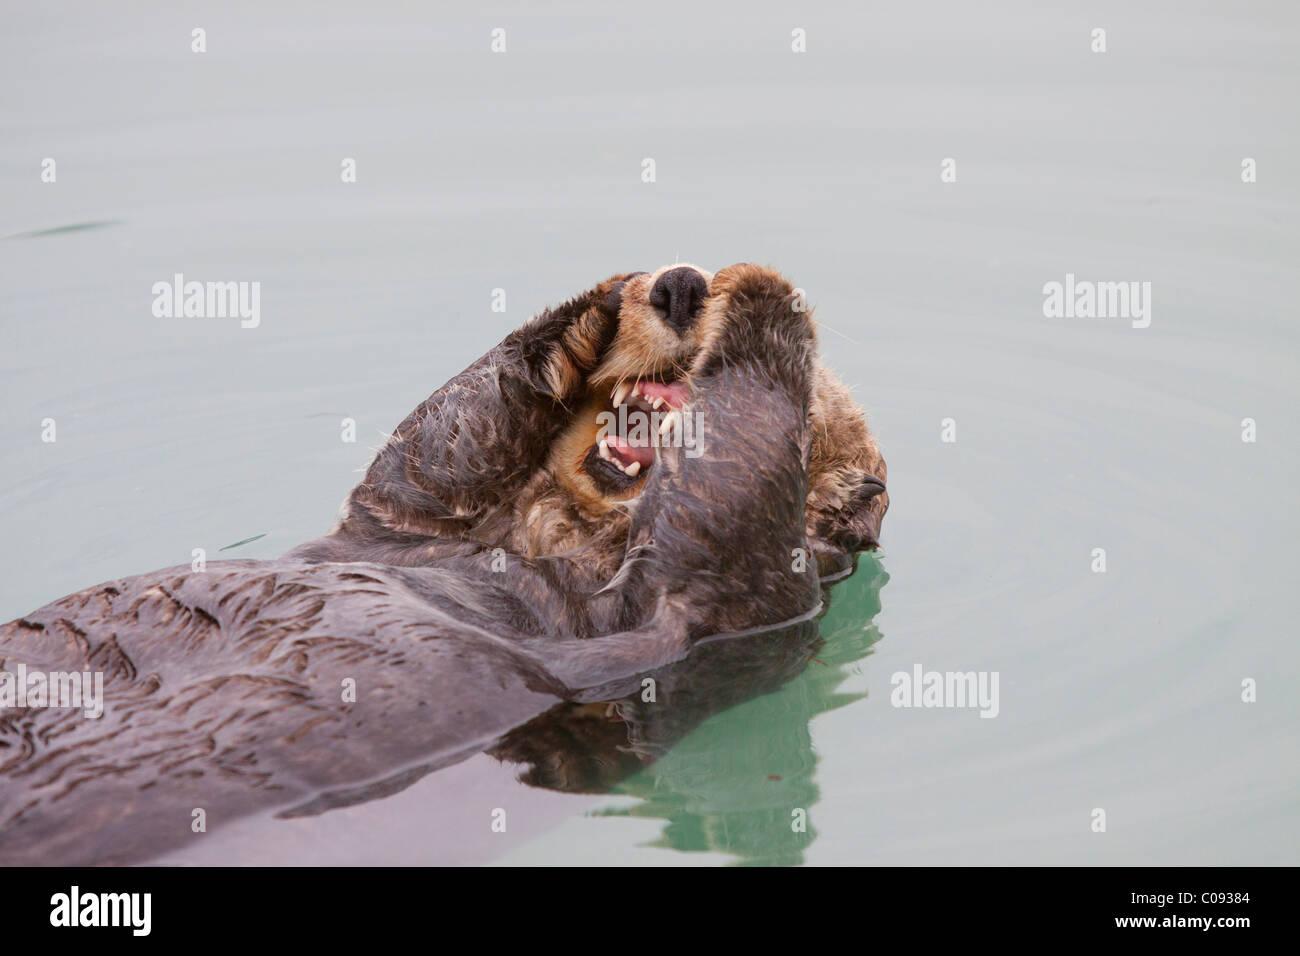 Ein Erwachsener Seeotter schwimmt in den ruhigen Gewässern des Sommers Valdez kleinen Bootshafen, Yunan Alaska Stockbild